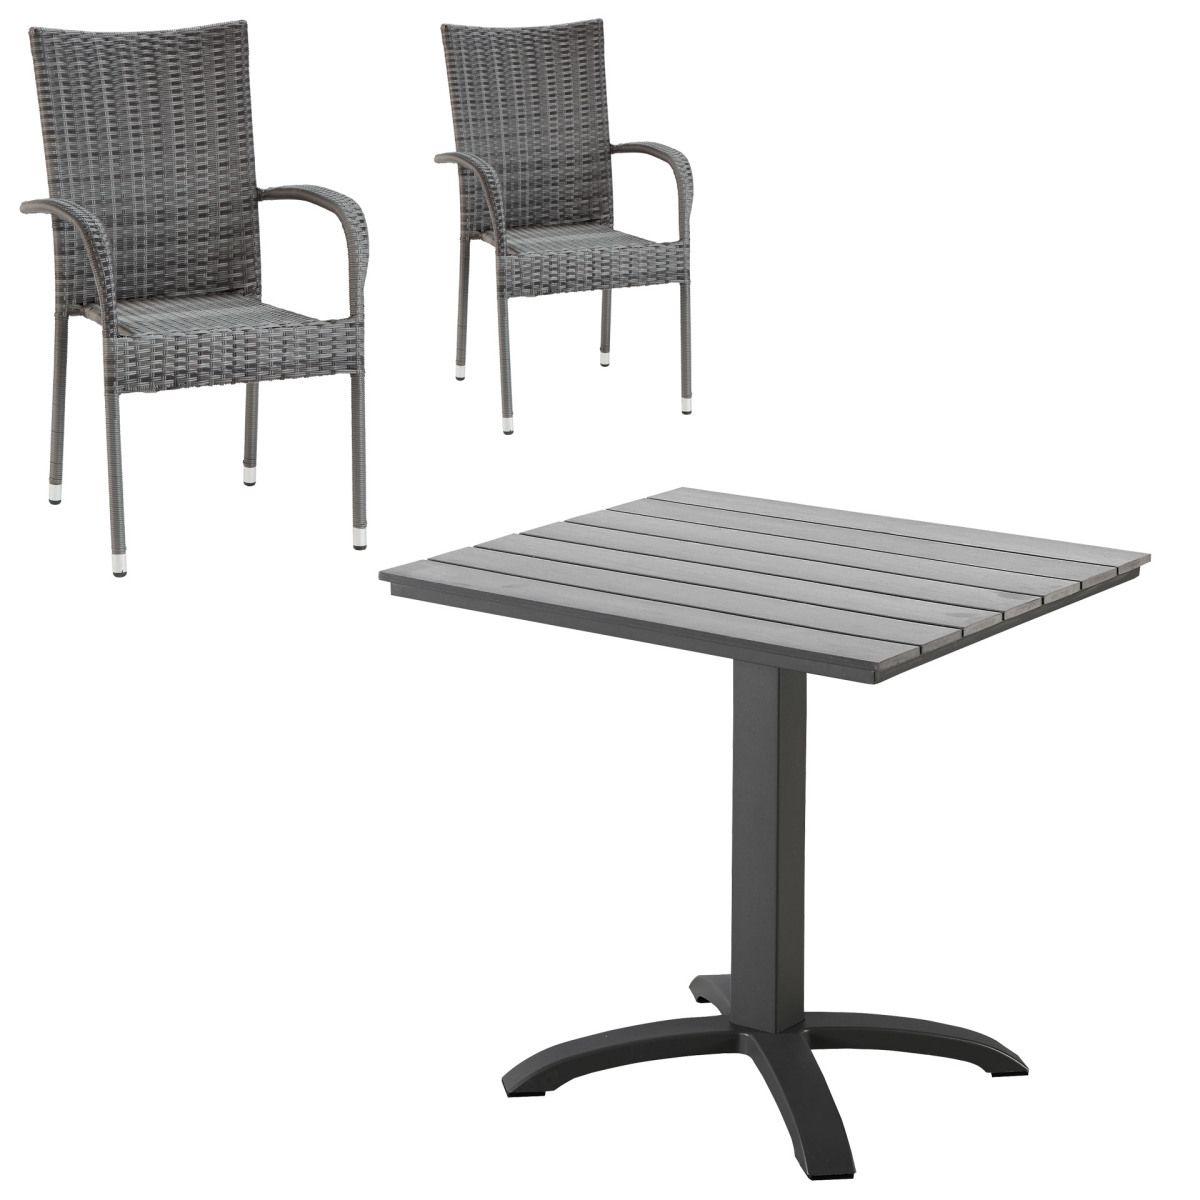 Gartenmöbel Set Miami/ Palermo (Cafétisch, 2 Stühle, grau) Jetzt